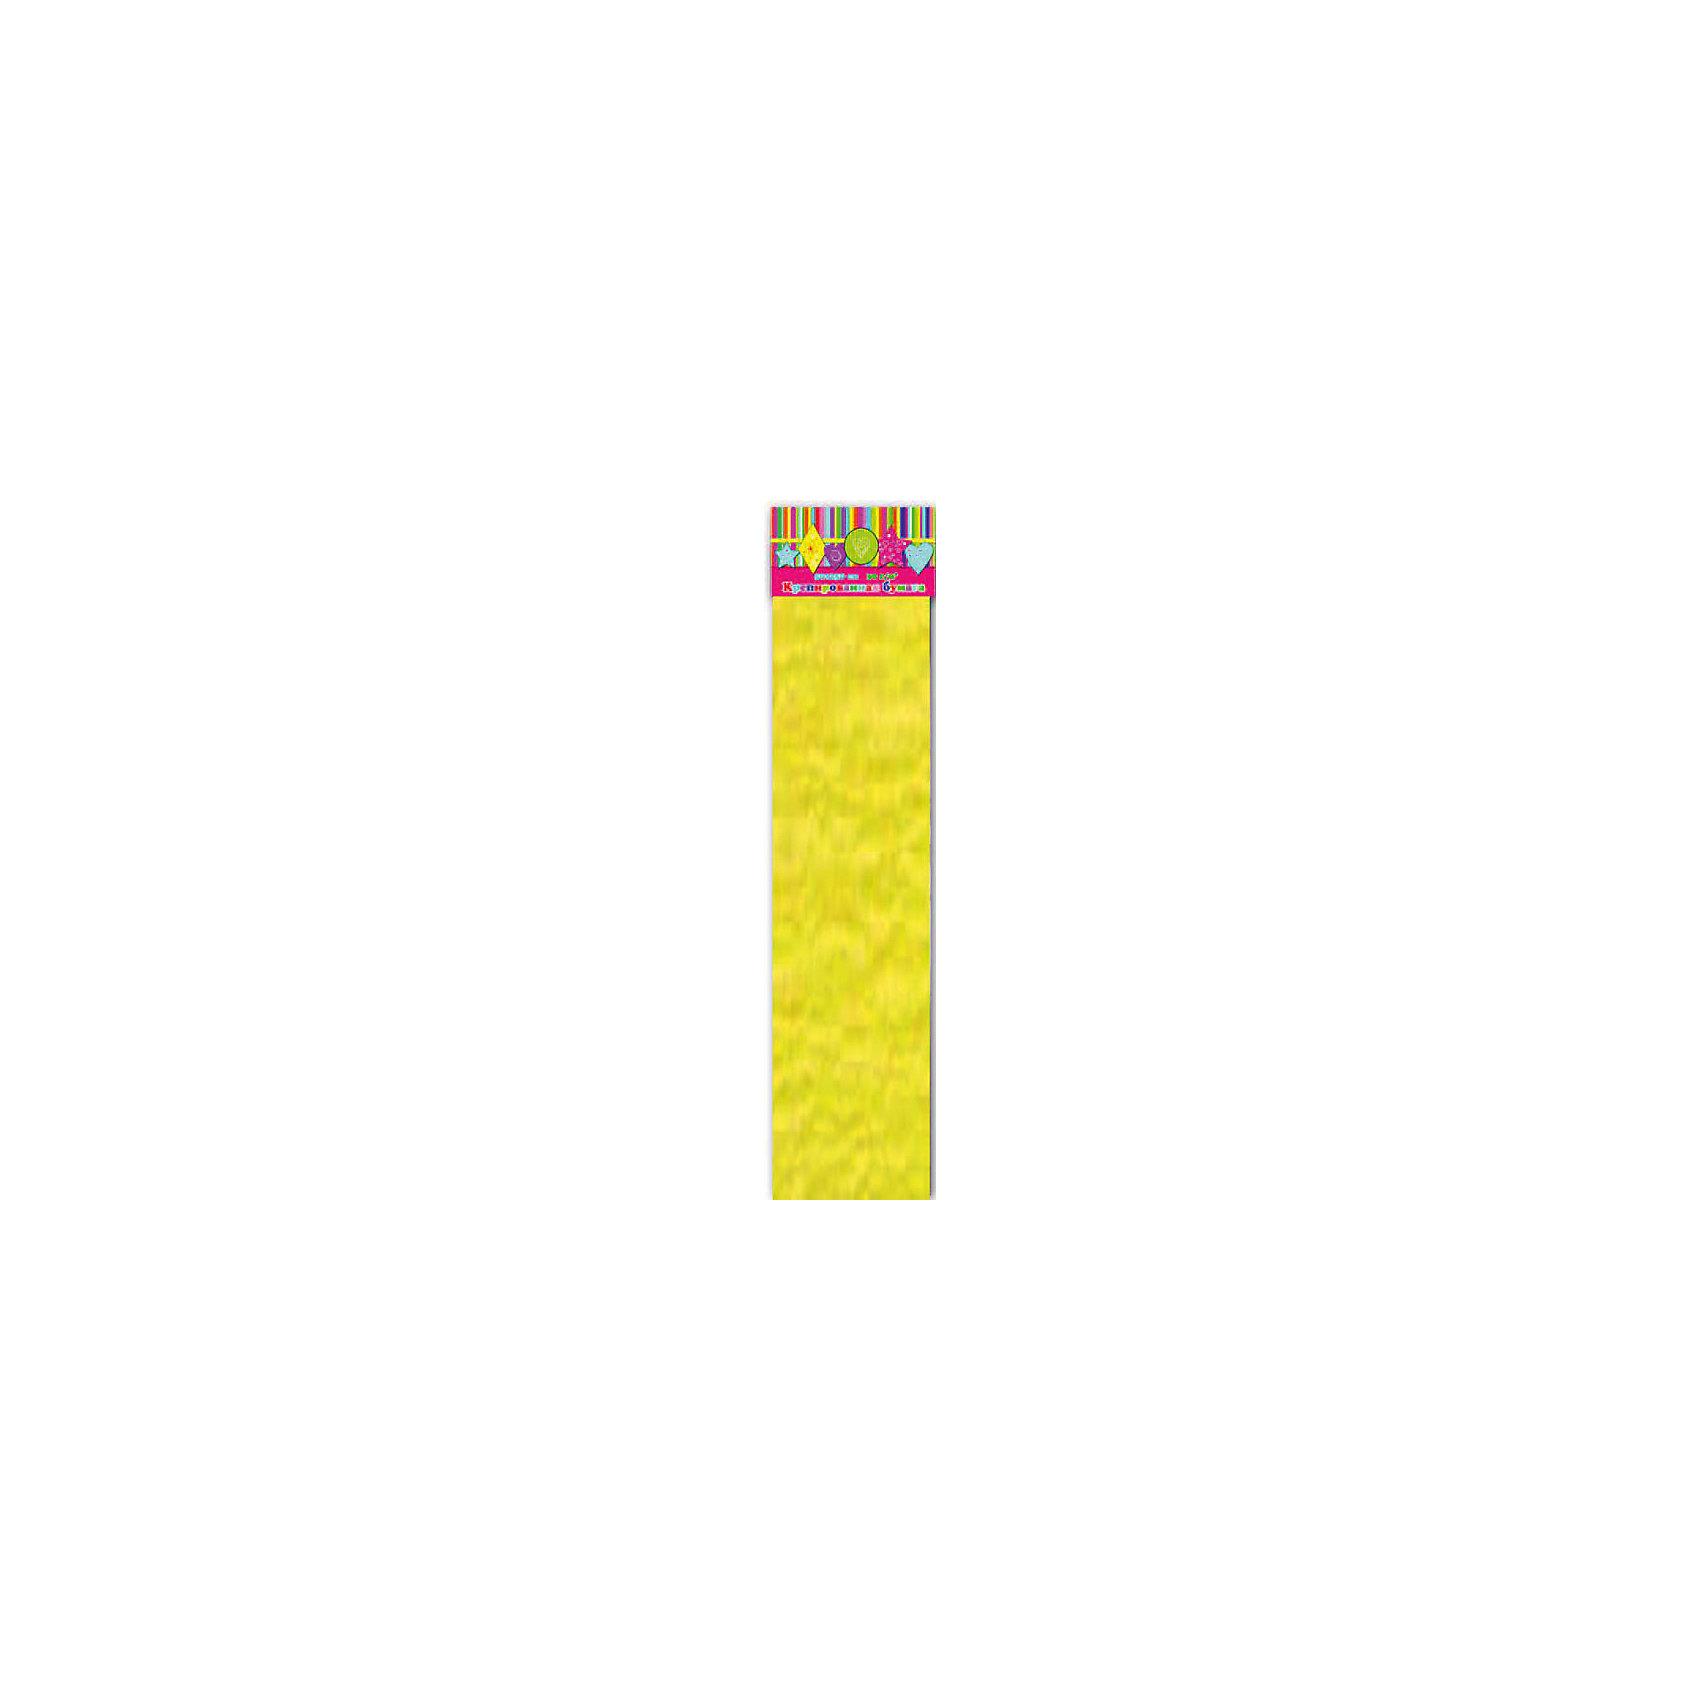 Бумага желтая эластичная крепированнаяИзумительная крепированная бумага желтого цвета, из нее Ваш малыш сможет сделать множество ярких цветов или другие поделки.<br><br>Дополнительная информация:<br><br>- Возраст: от 3 лет.<br>- 1 лист.<br>- Цвет: желтый<br>- Материал: бумага.<br>- Размеры: 50х250 см.<br>- Размер упаковки: 51х10х1,5 см.<br>- Вес в упаковке: 40 г. <br><br>Купить крепированную бумагу в желтом цвете, можно в нашем магазине.<br><br>Ширина мм: 510<br>Глубина мм: 100<br>Высота мм: 5<br>Вес г: 40<br>Возраст от месяцев: 36<br>Возраст до месяцев: 2147483647<br>Пол: Унисекс<br>Возраст: Детский<br>SKU: 4943577